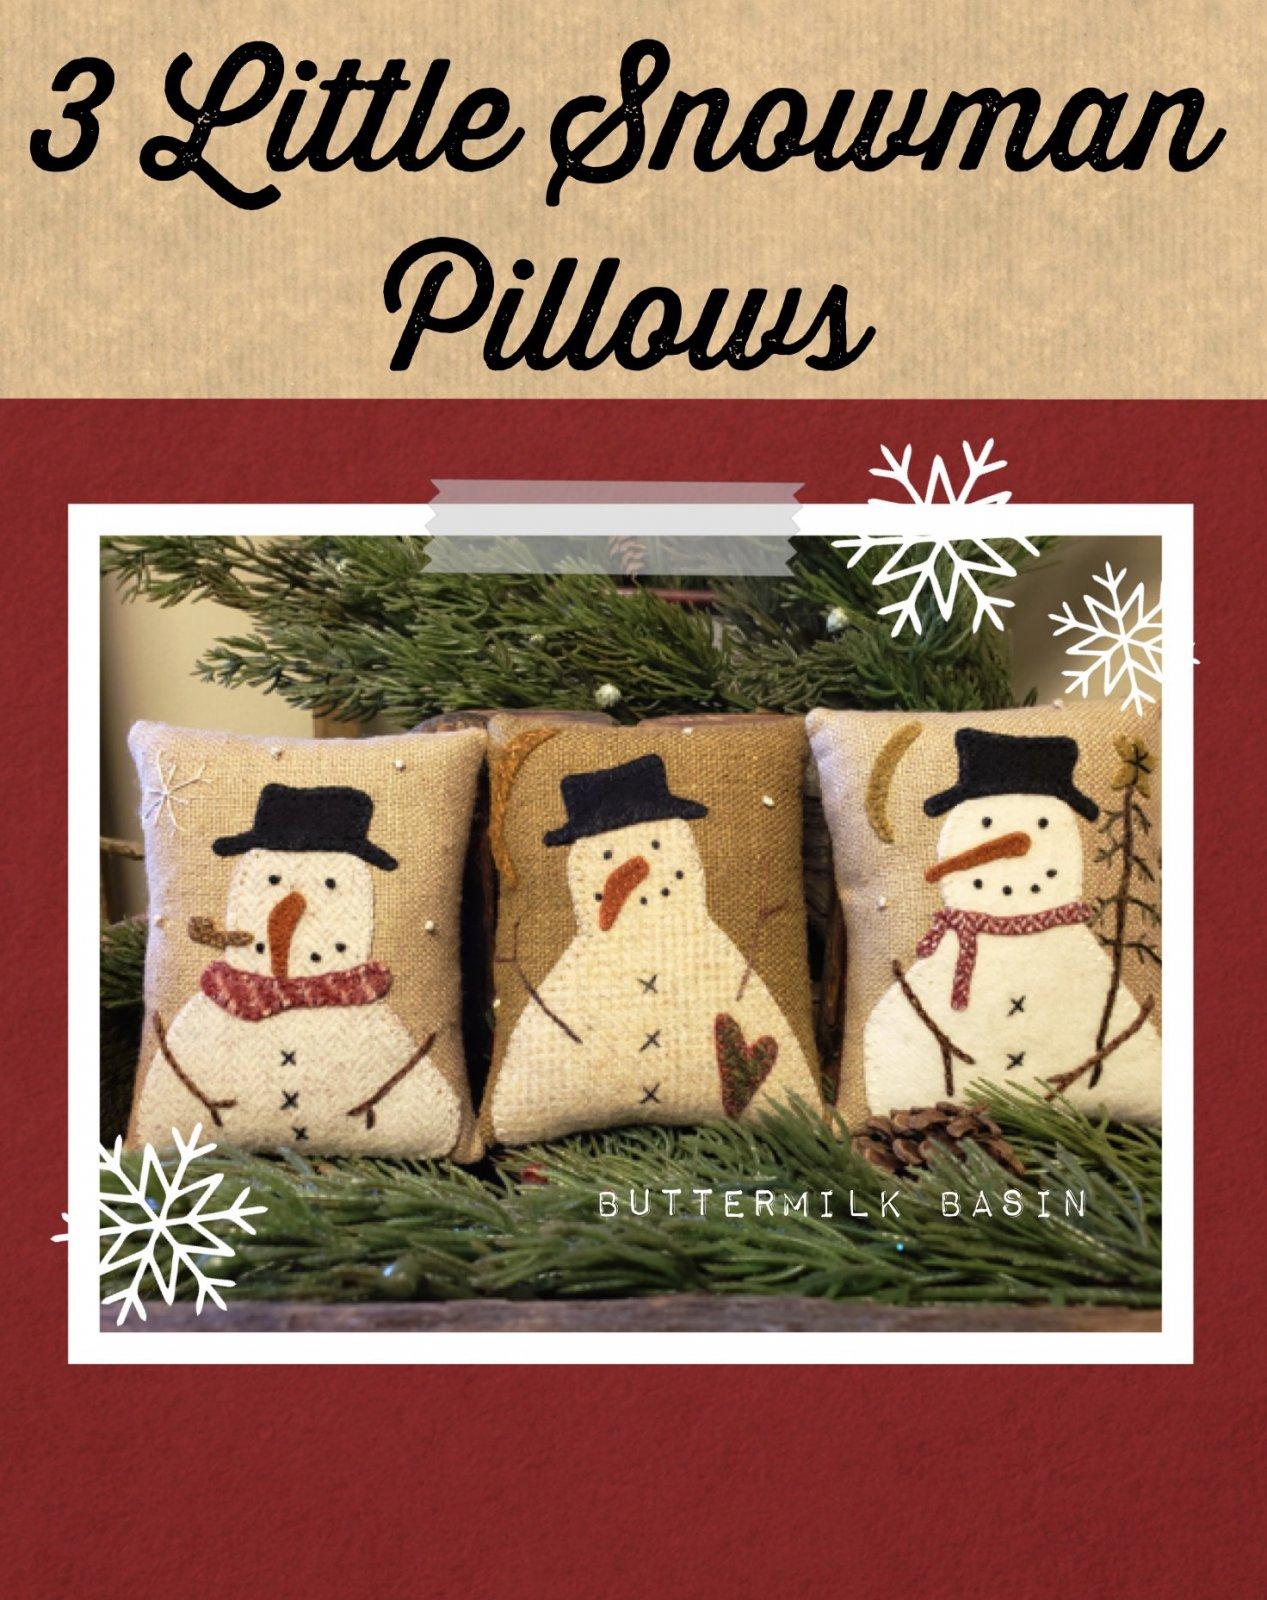 3 Little Snowman Pillows * Pattern